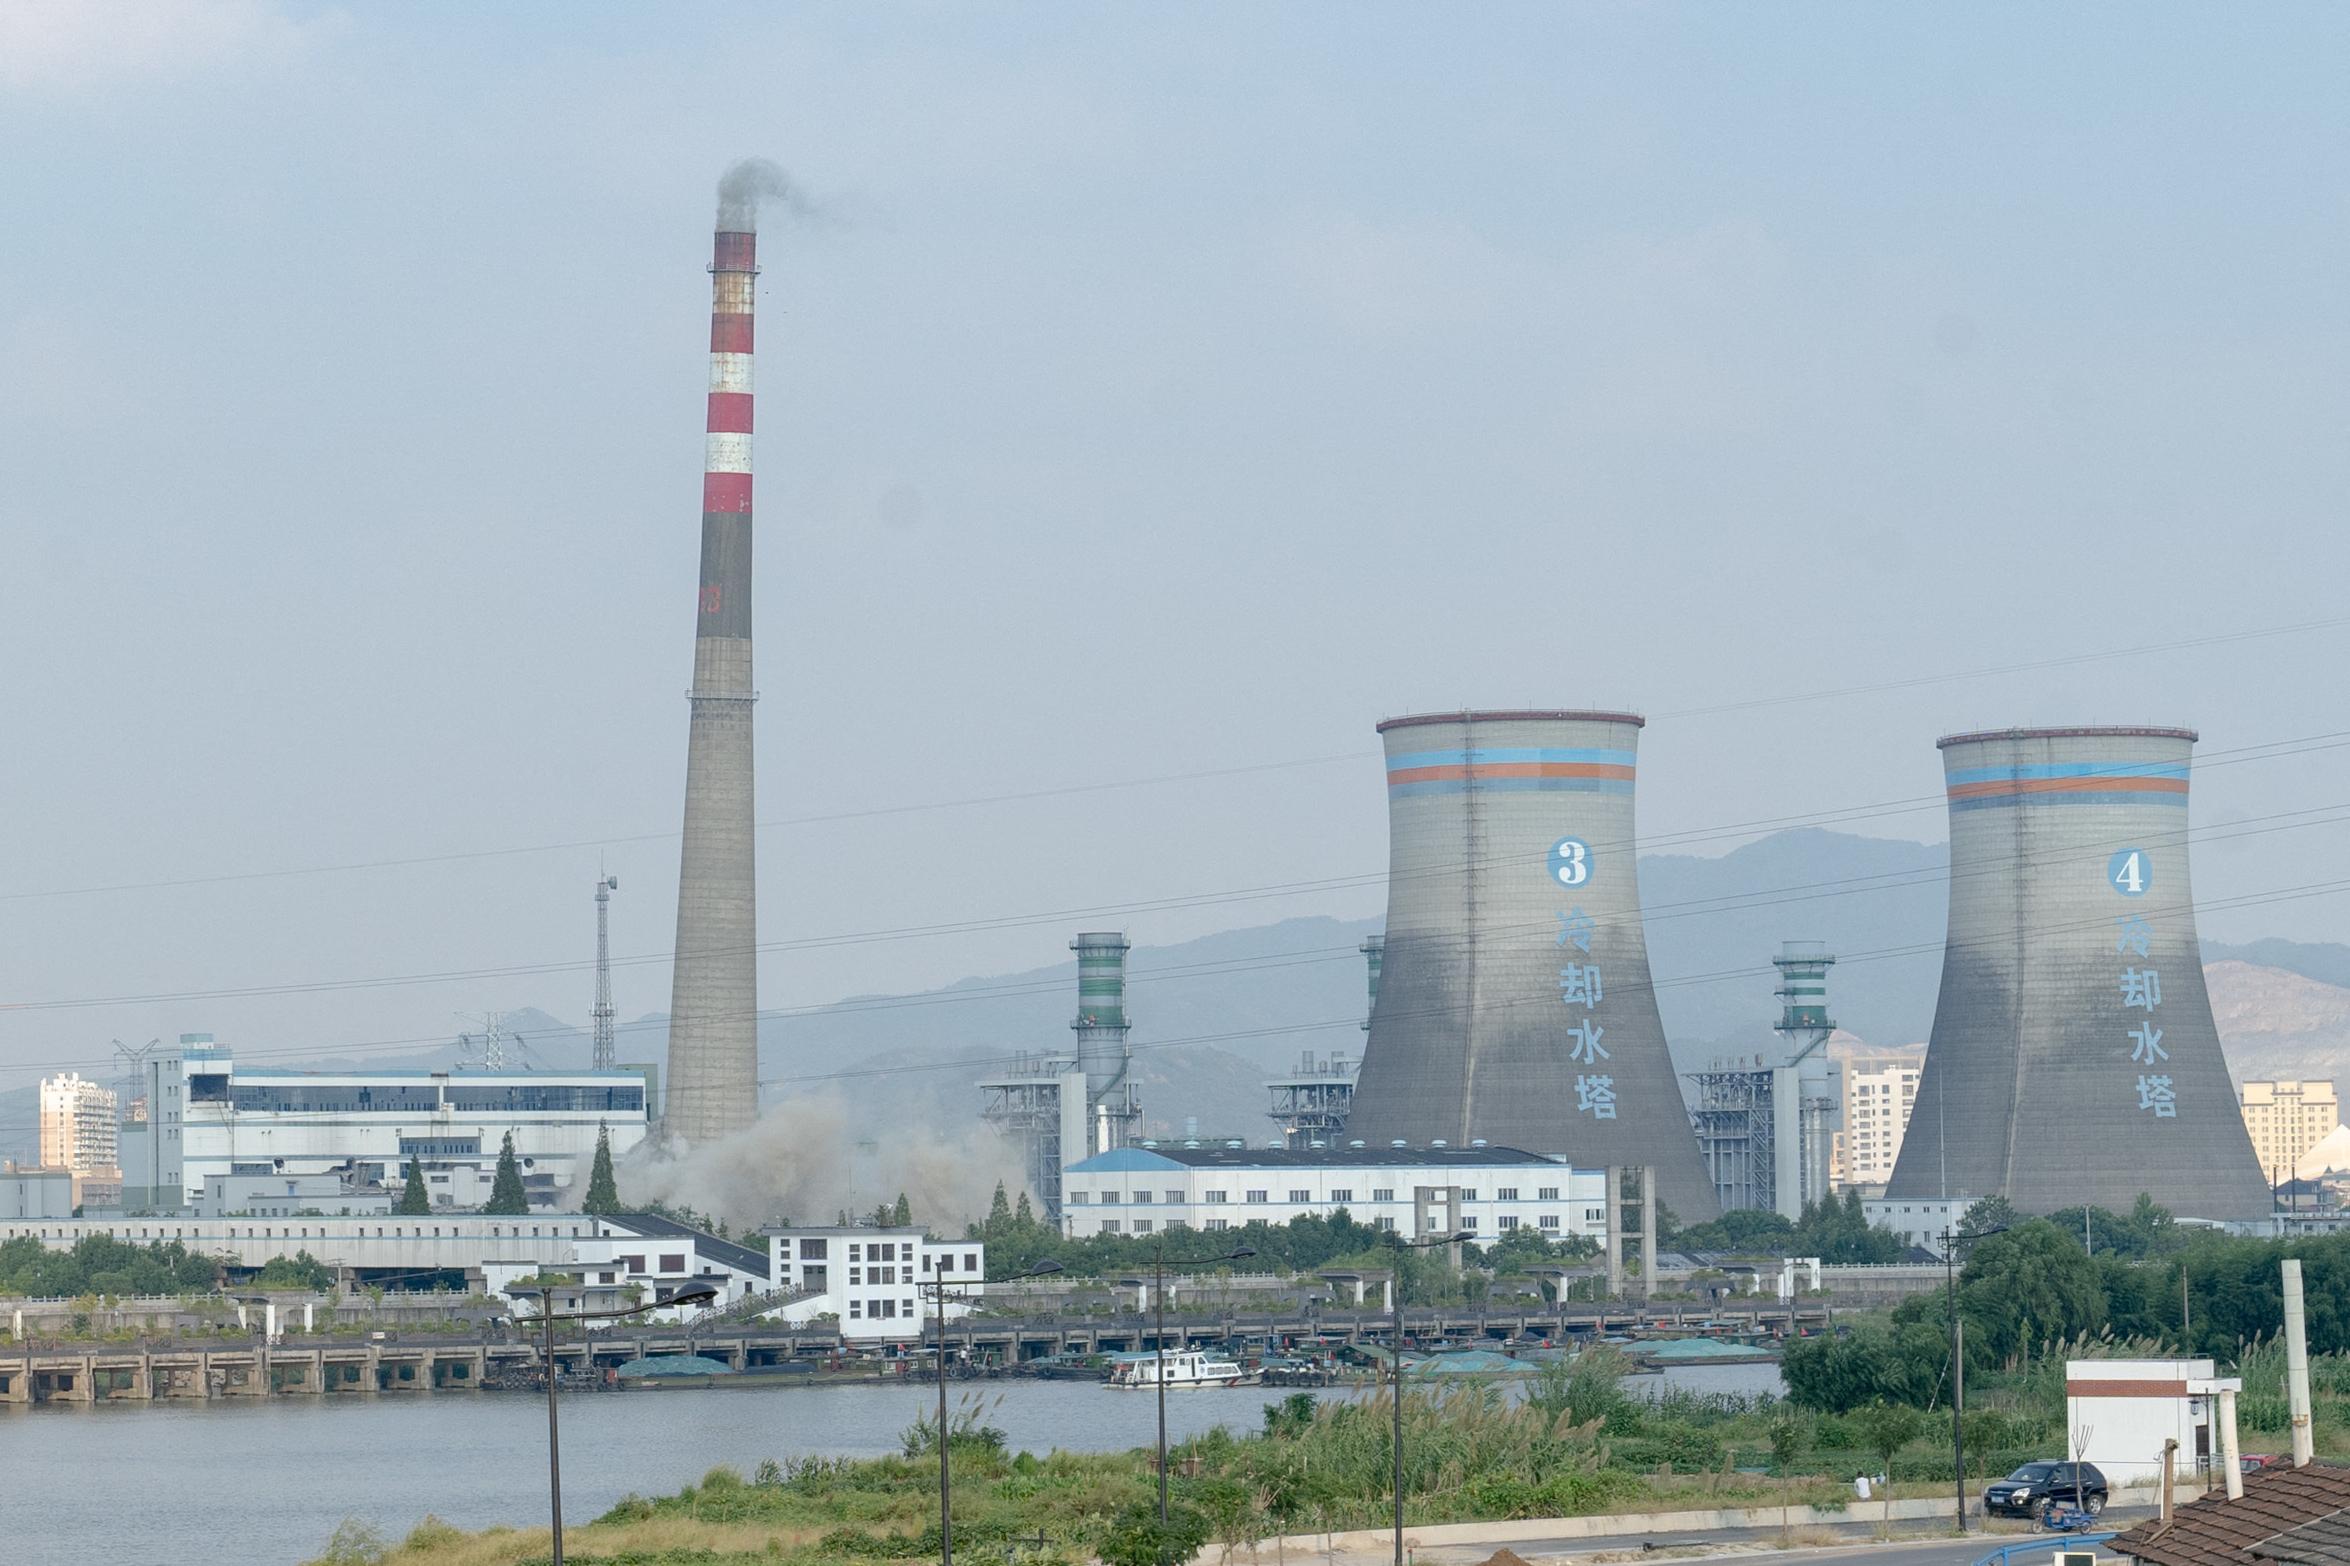 Kína több káros anyagot enged a levegőbe, mint a fejlett világ együttvéve